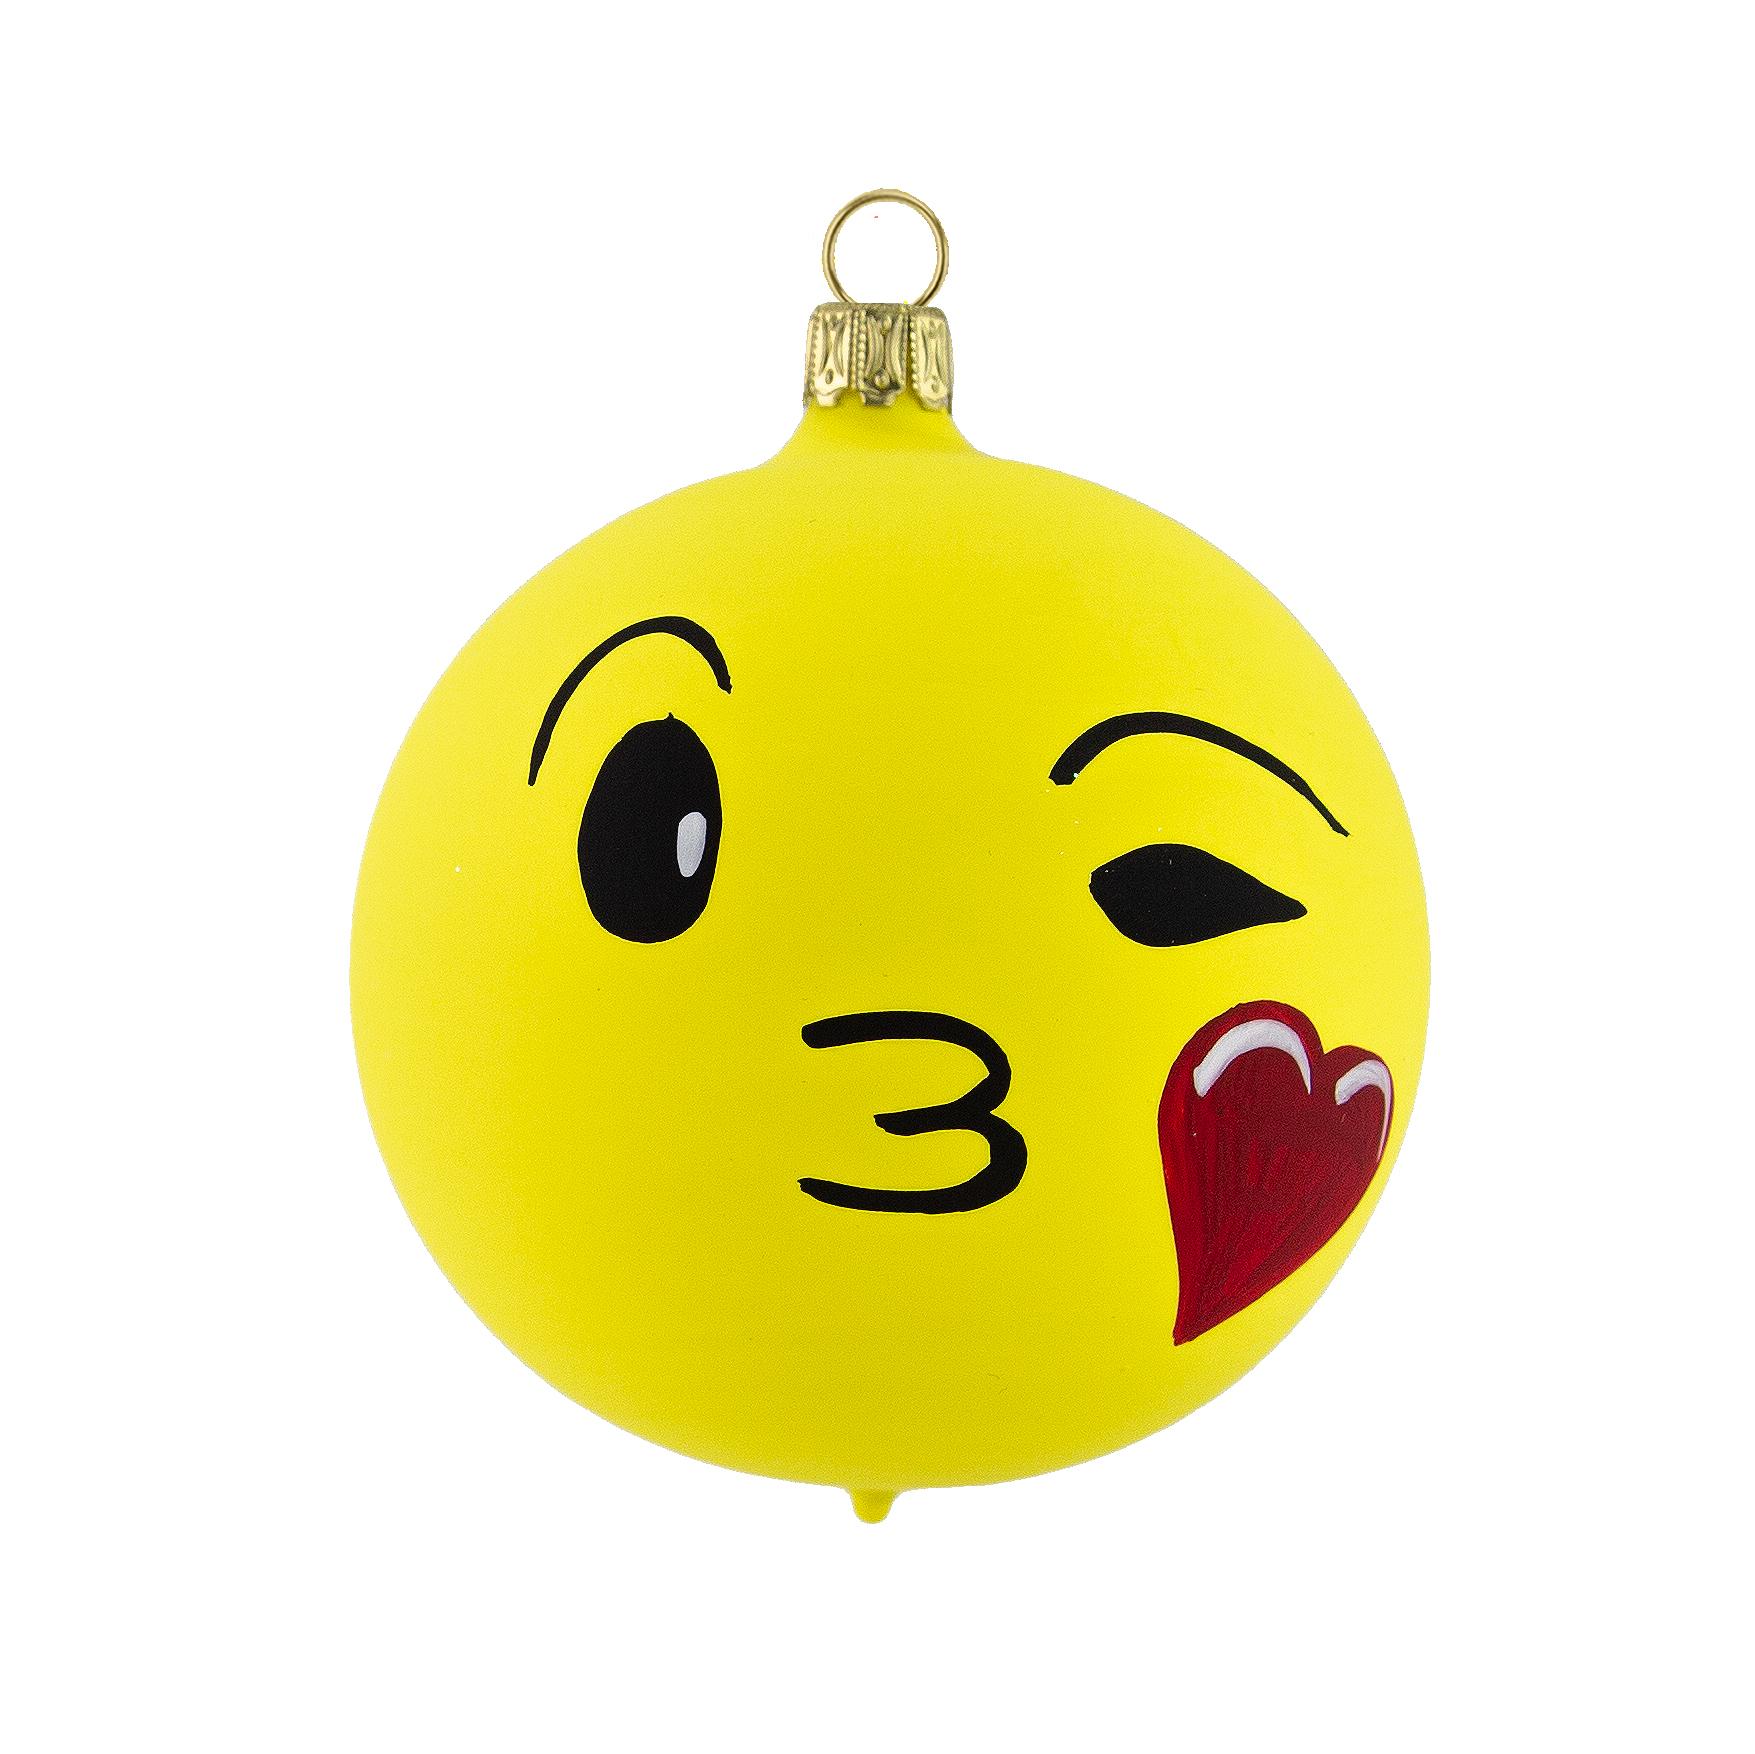 Smiley Face Kussmund Glas Kugel aus Lauscha   glaszauber